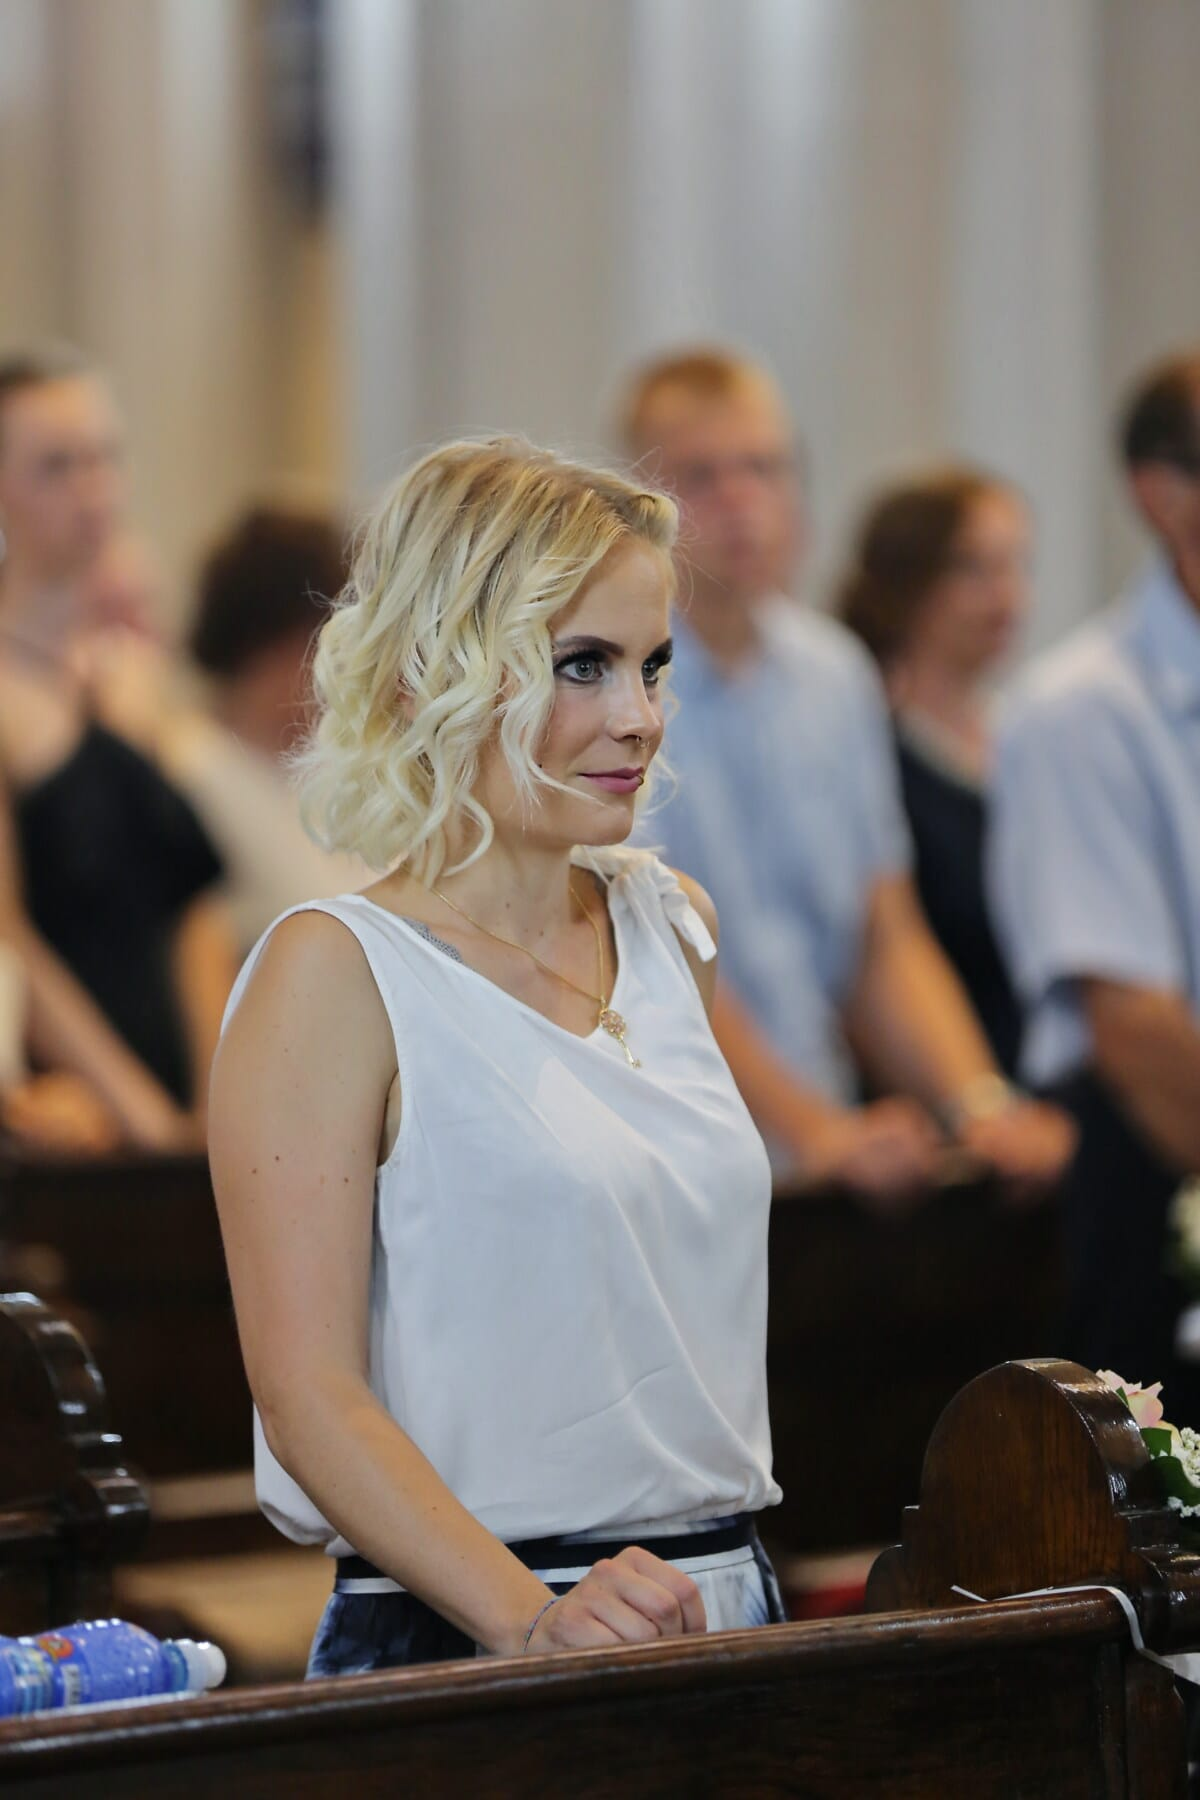 Kirche, stehende, ziemlich, Christian, geistigkeit, blonde Haare, Gebet, Christentum, Frau, Mann